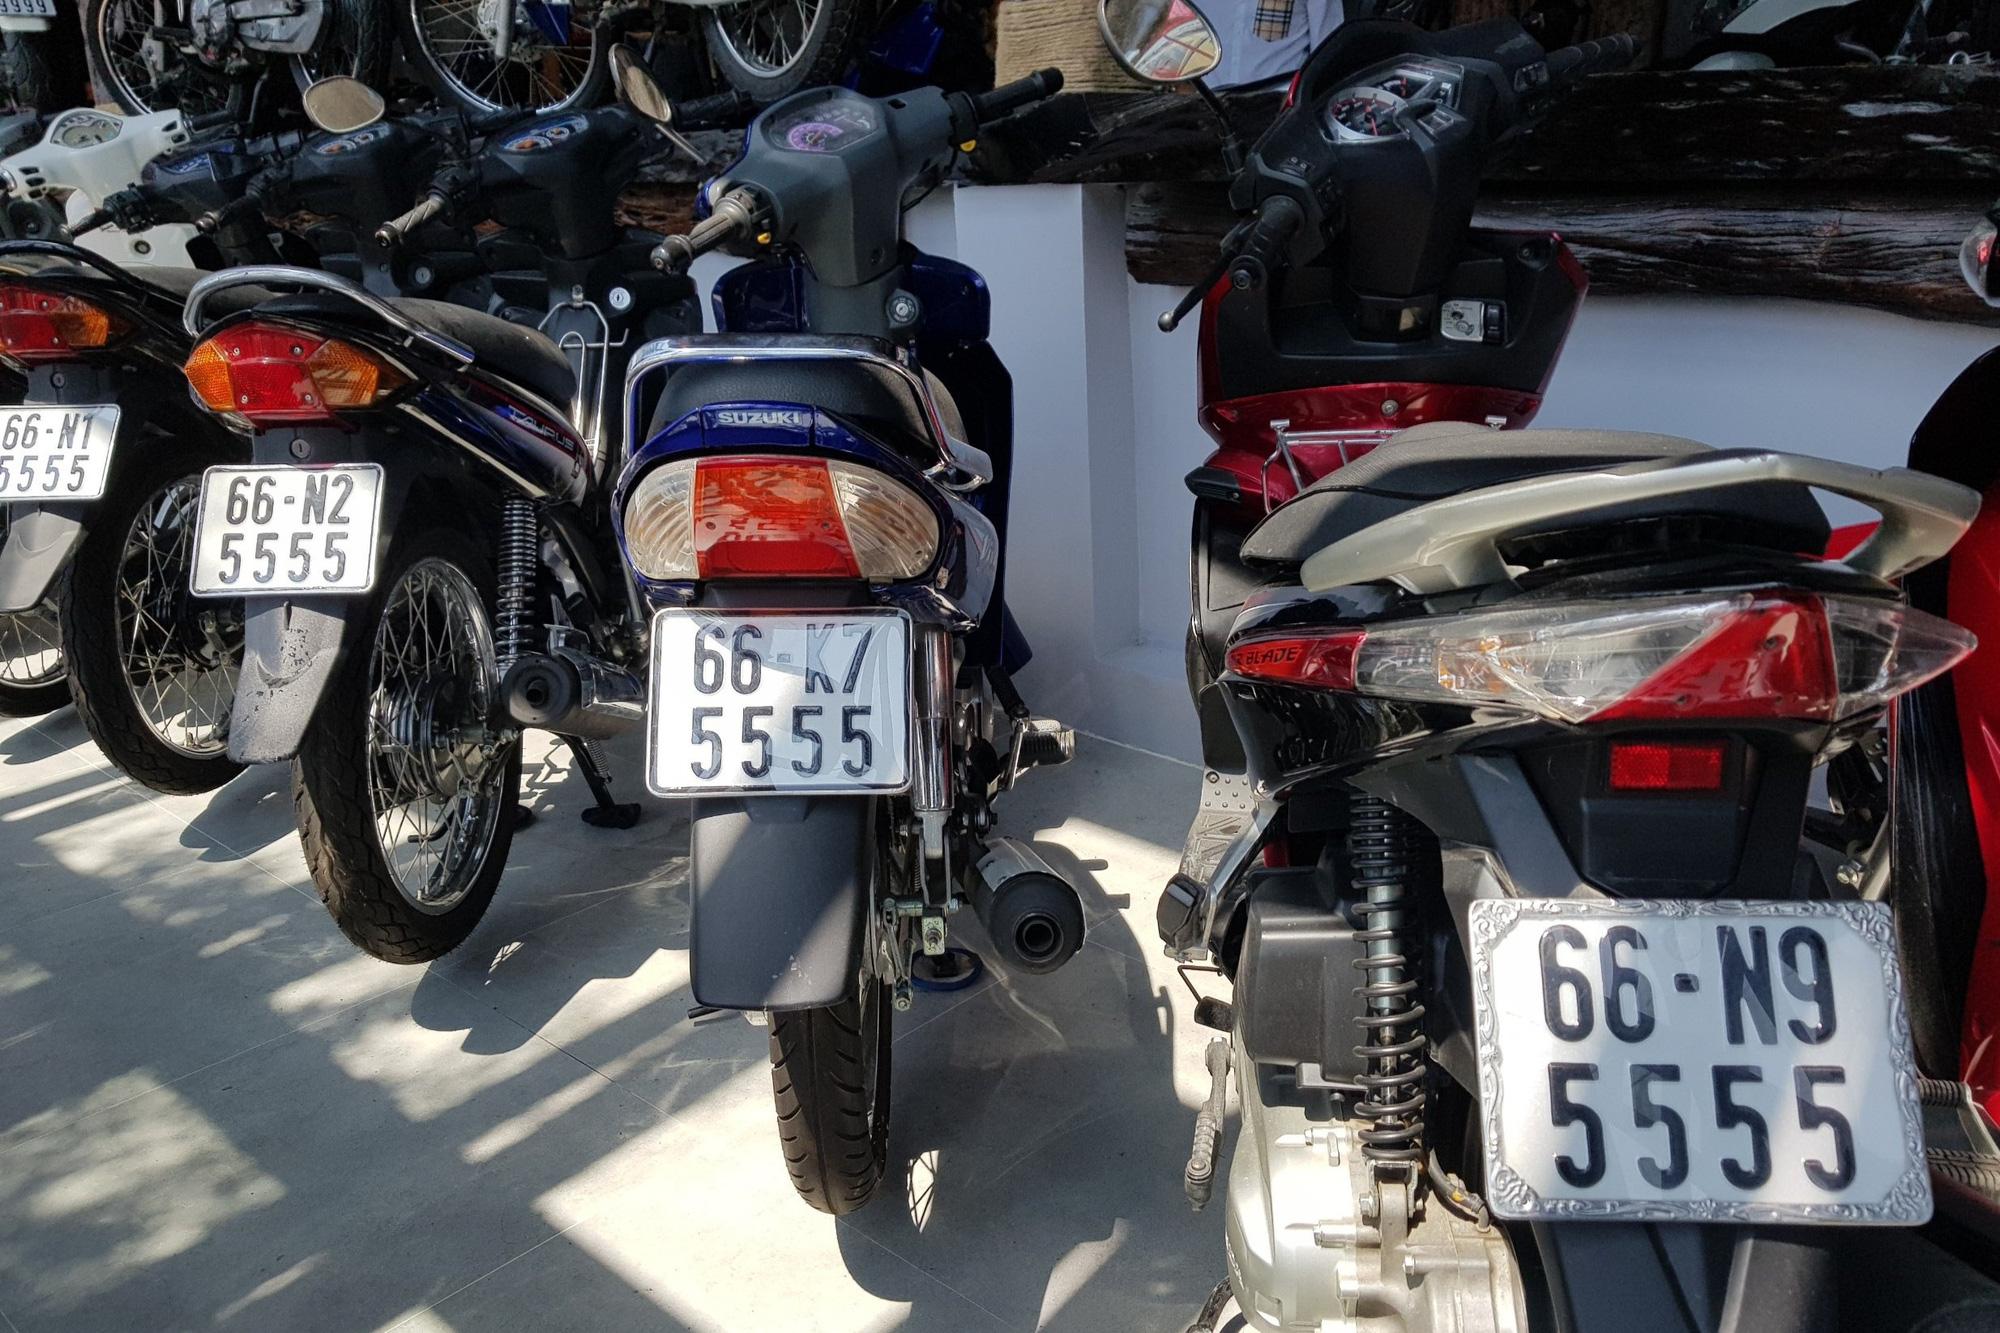 Bộ sưu tập 500 xe mô tô có biển số đẹp mê hồn - Ảnh 3.